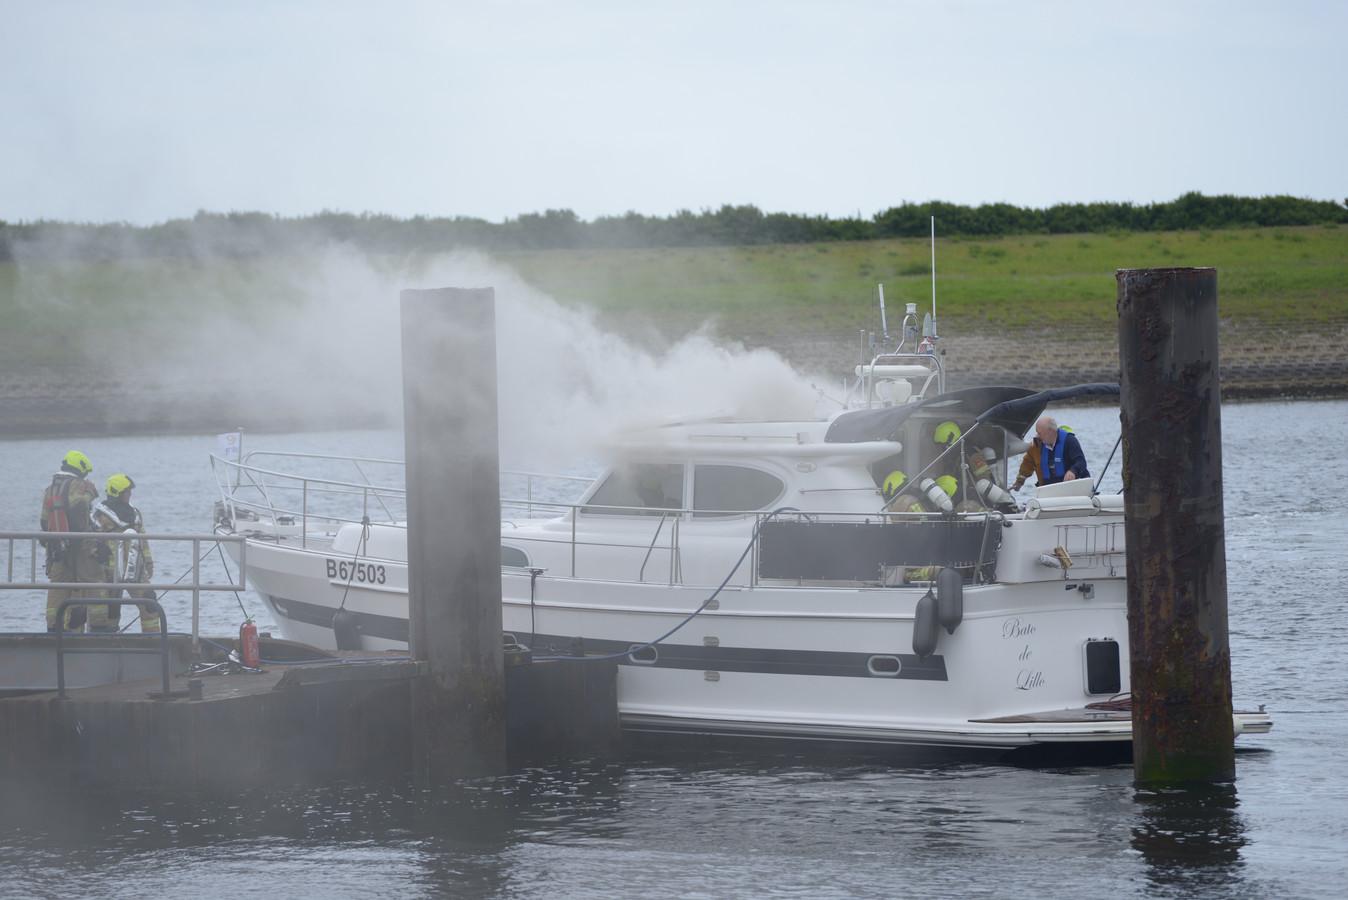 De brand op het jacht ontstond in de machinekamer. Nu ligt het schip in de haven van de Bergse Diepsluis in Tholen.